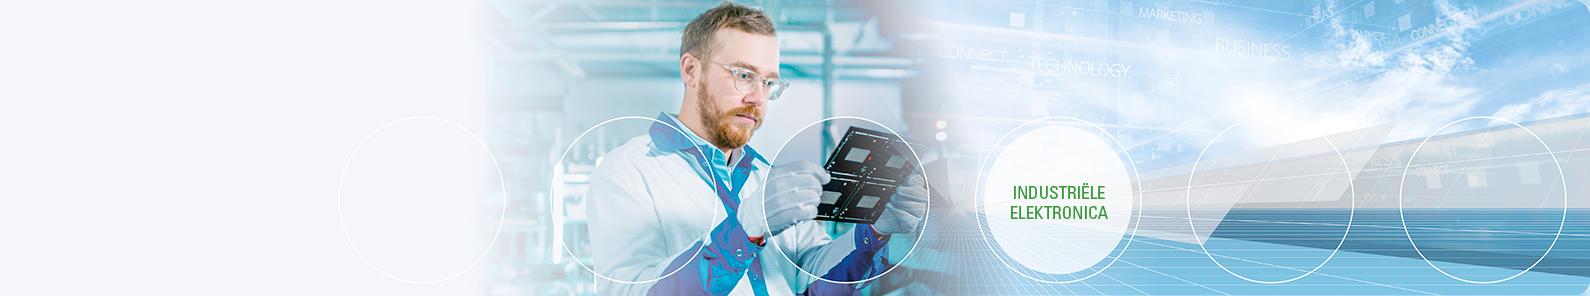 Nieuw - Digitale uitvraag FHI Trendonderzoek Industriële Elektronica